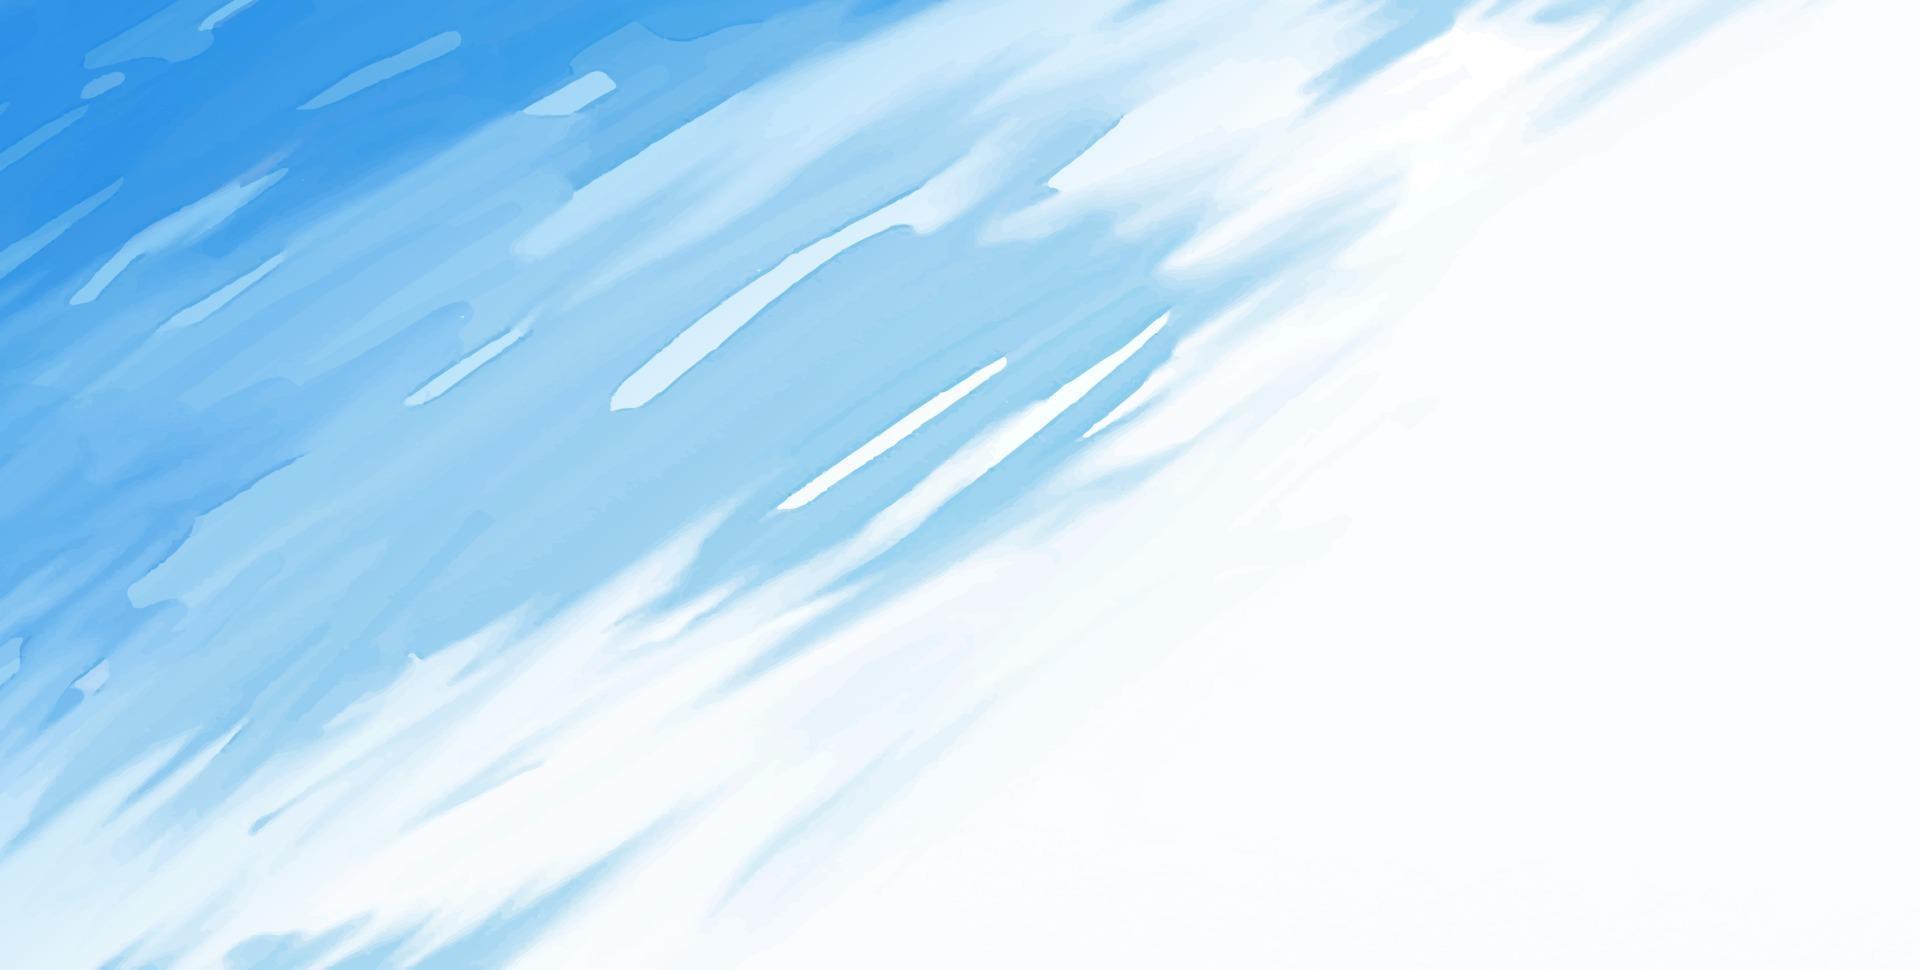 coup de pinceau aquarelle bleu abstrait sur illustration vectorielle fond blanc vecteur